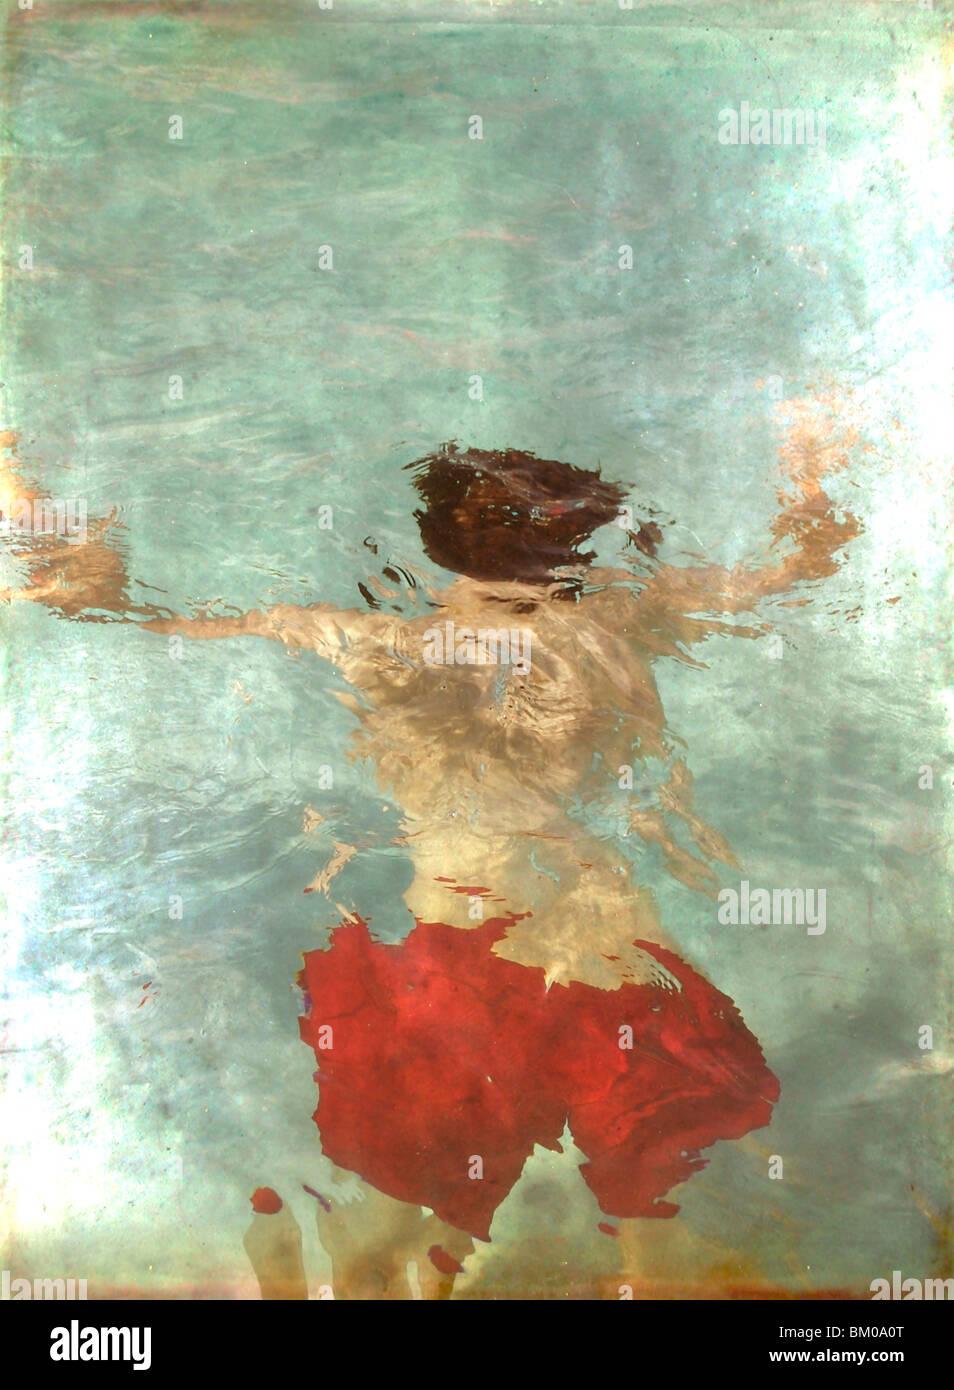 Un adolescente flotando boca abajo en una piscina, vistiendo calzones rojos Imagen De Stock